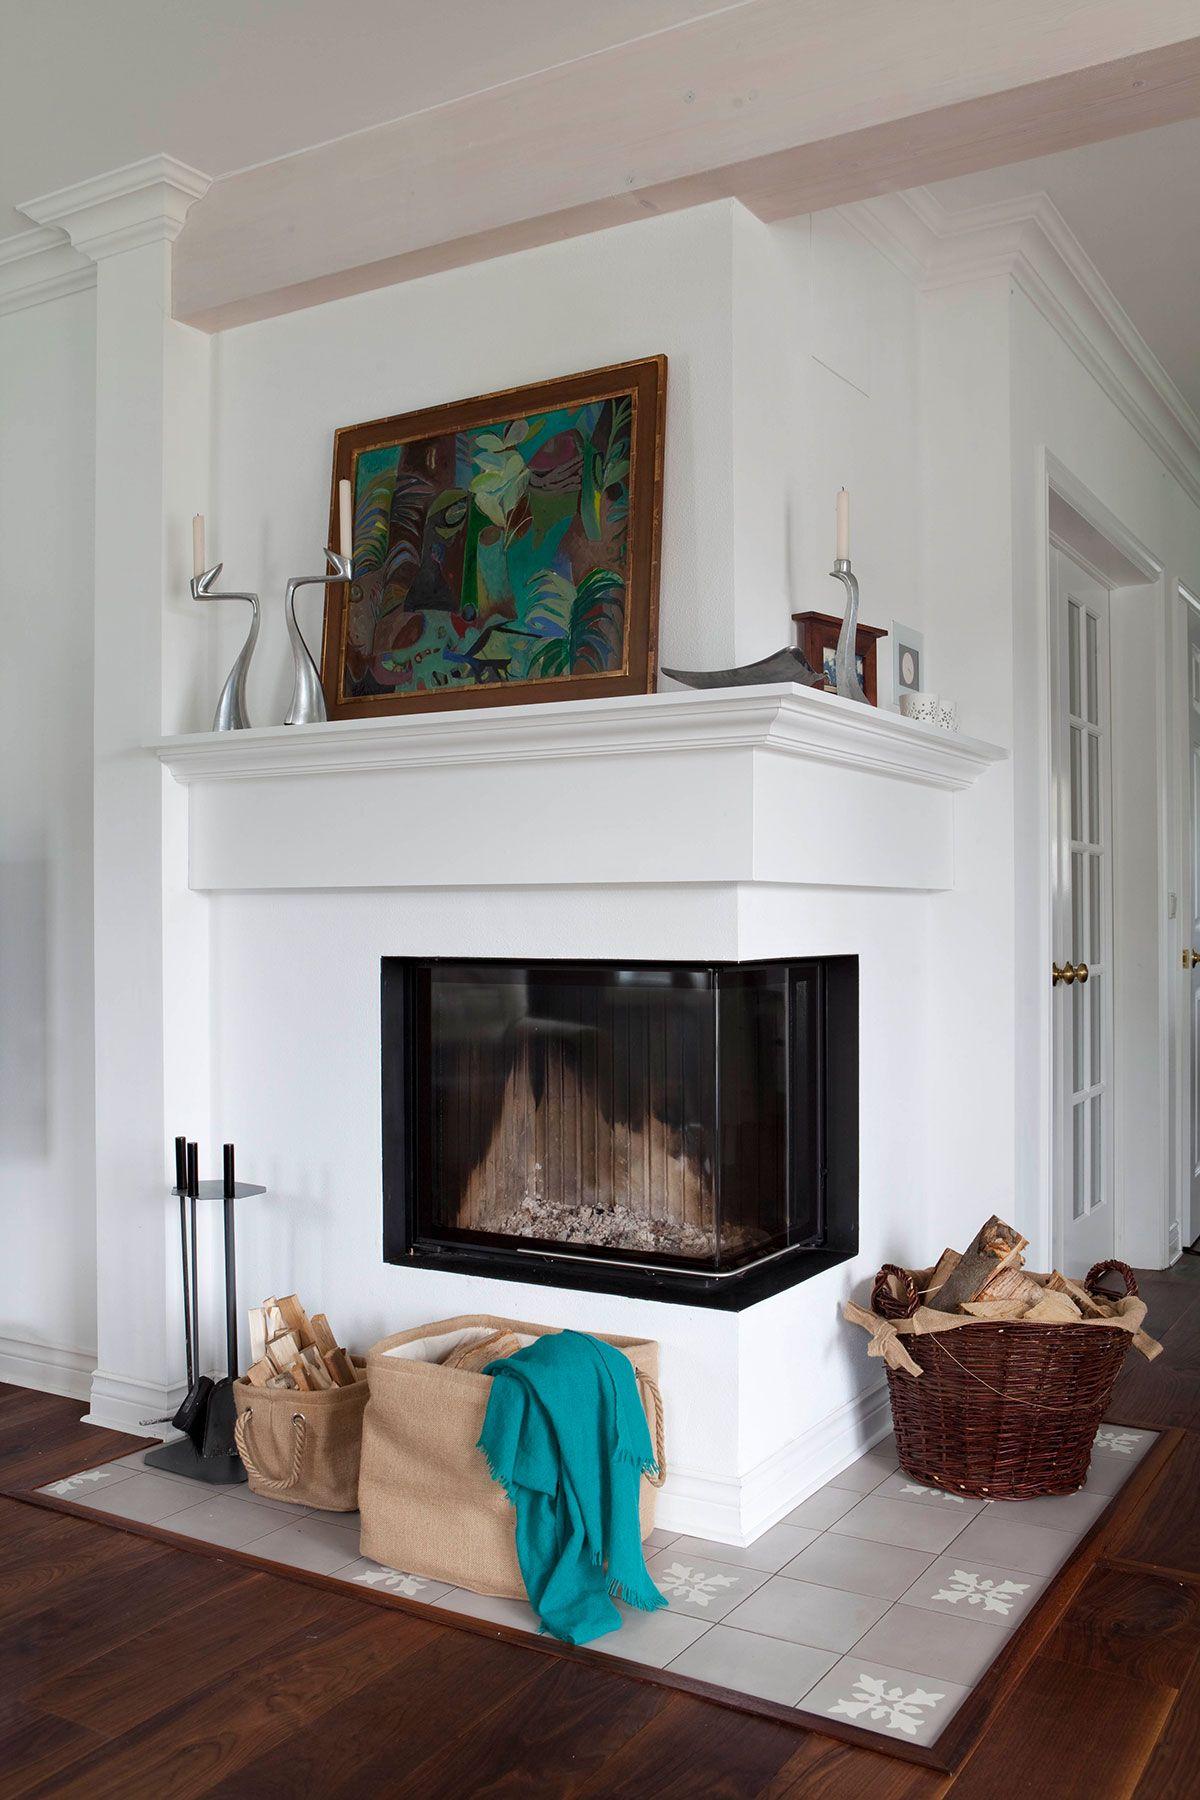 kamin mit glas zu zwei seiten und klassischer verkleidung. Black Bedroom Furniture Sets. Home Design Ideas